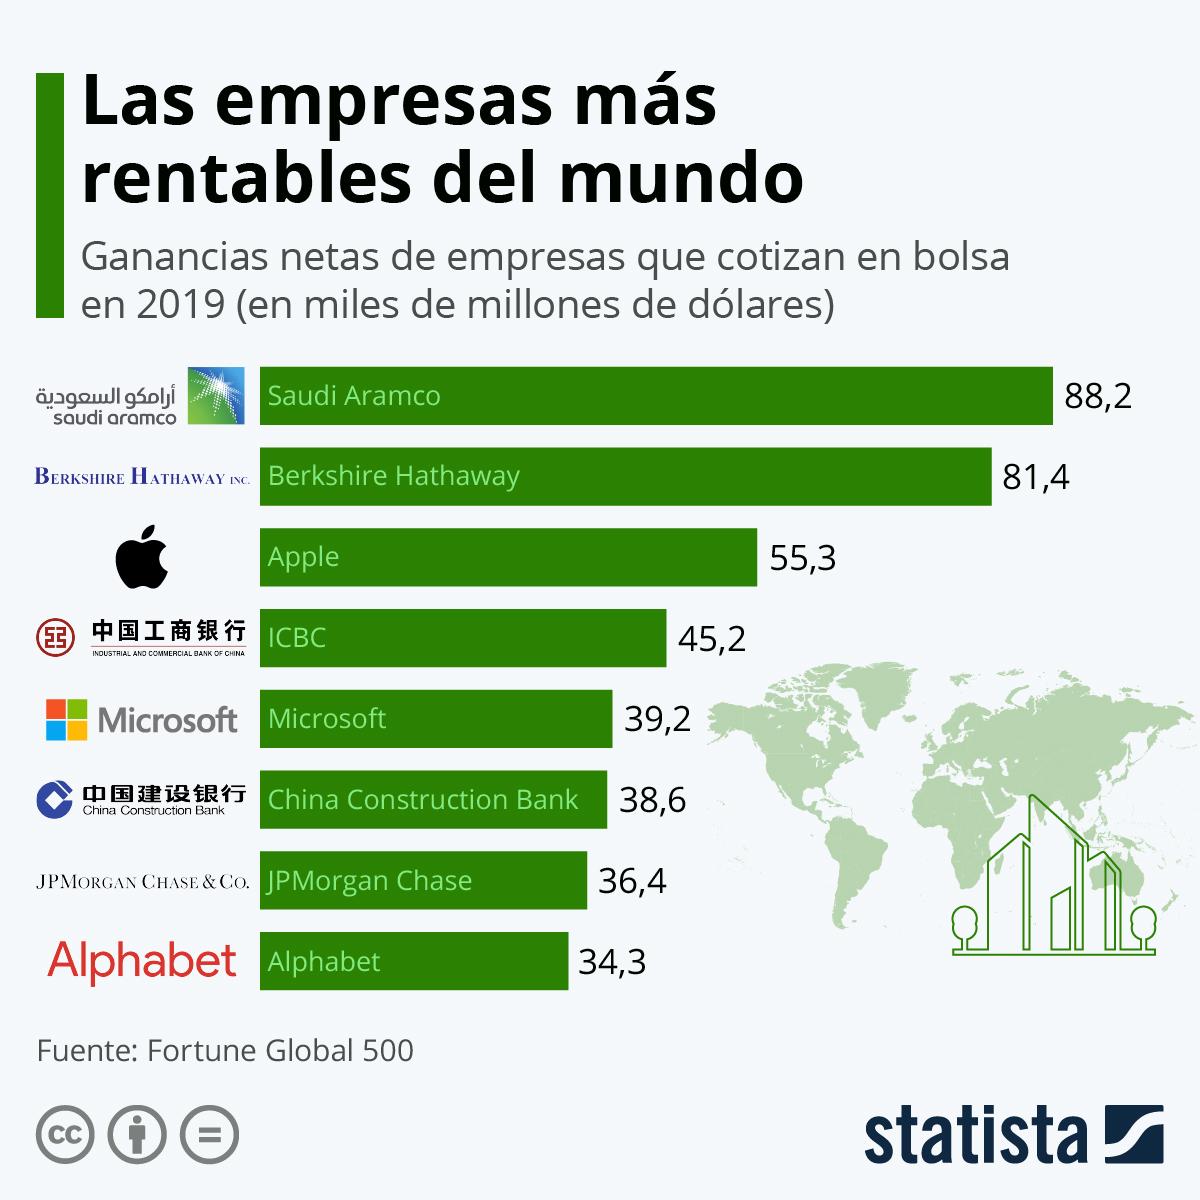 Las empresas con más beneficios del mundo #infografia #infographic